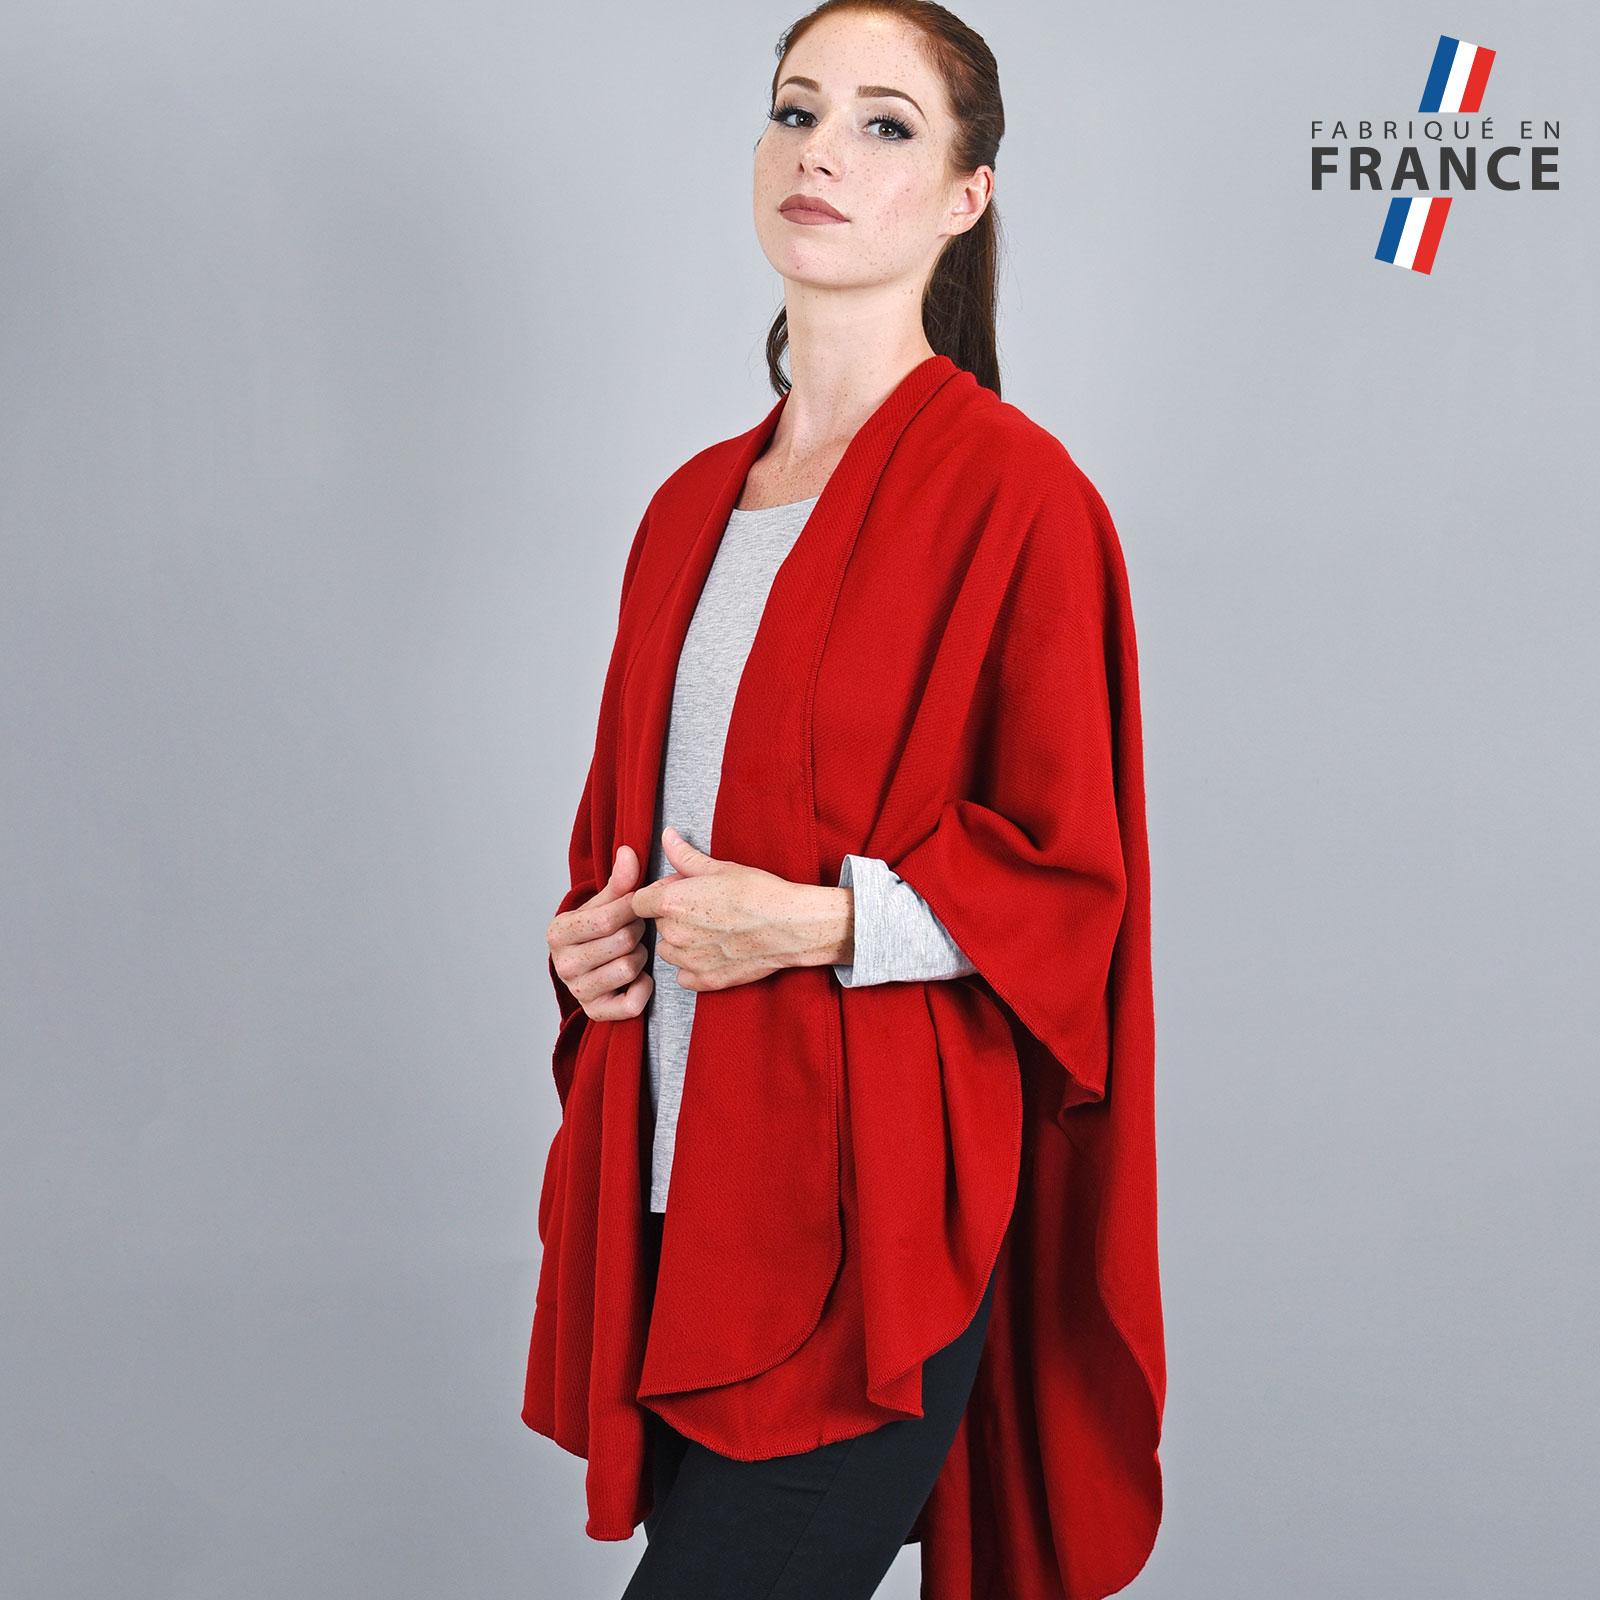 AT-03257-VF16-LB_FR-poncho-rond-fabrique-en-france-rouge